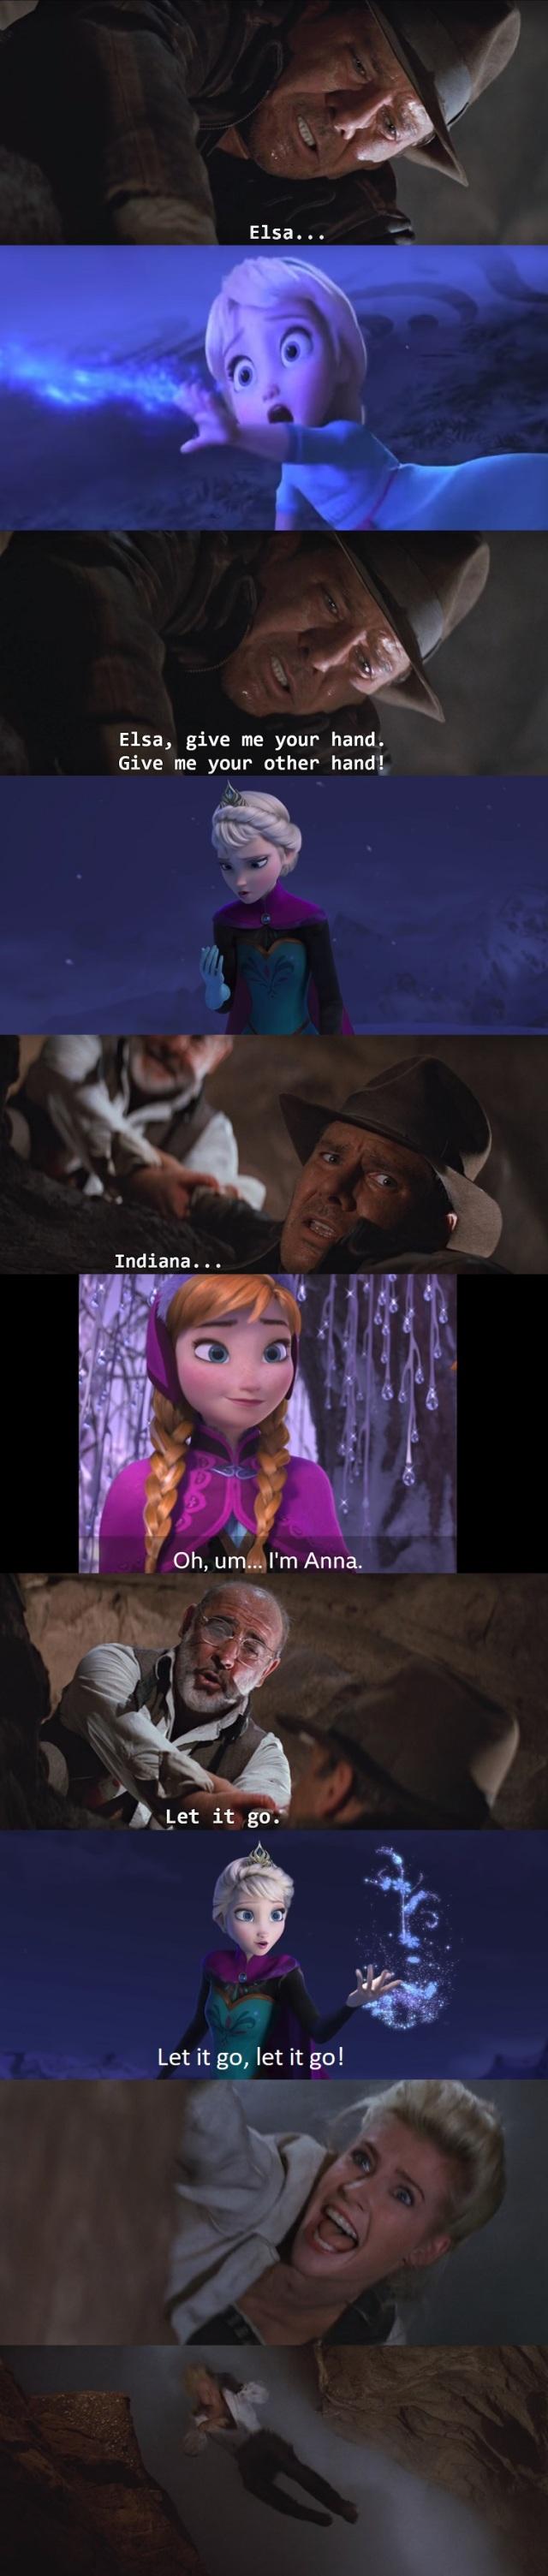 Frozen Indiana Jones Meme.